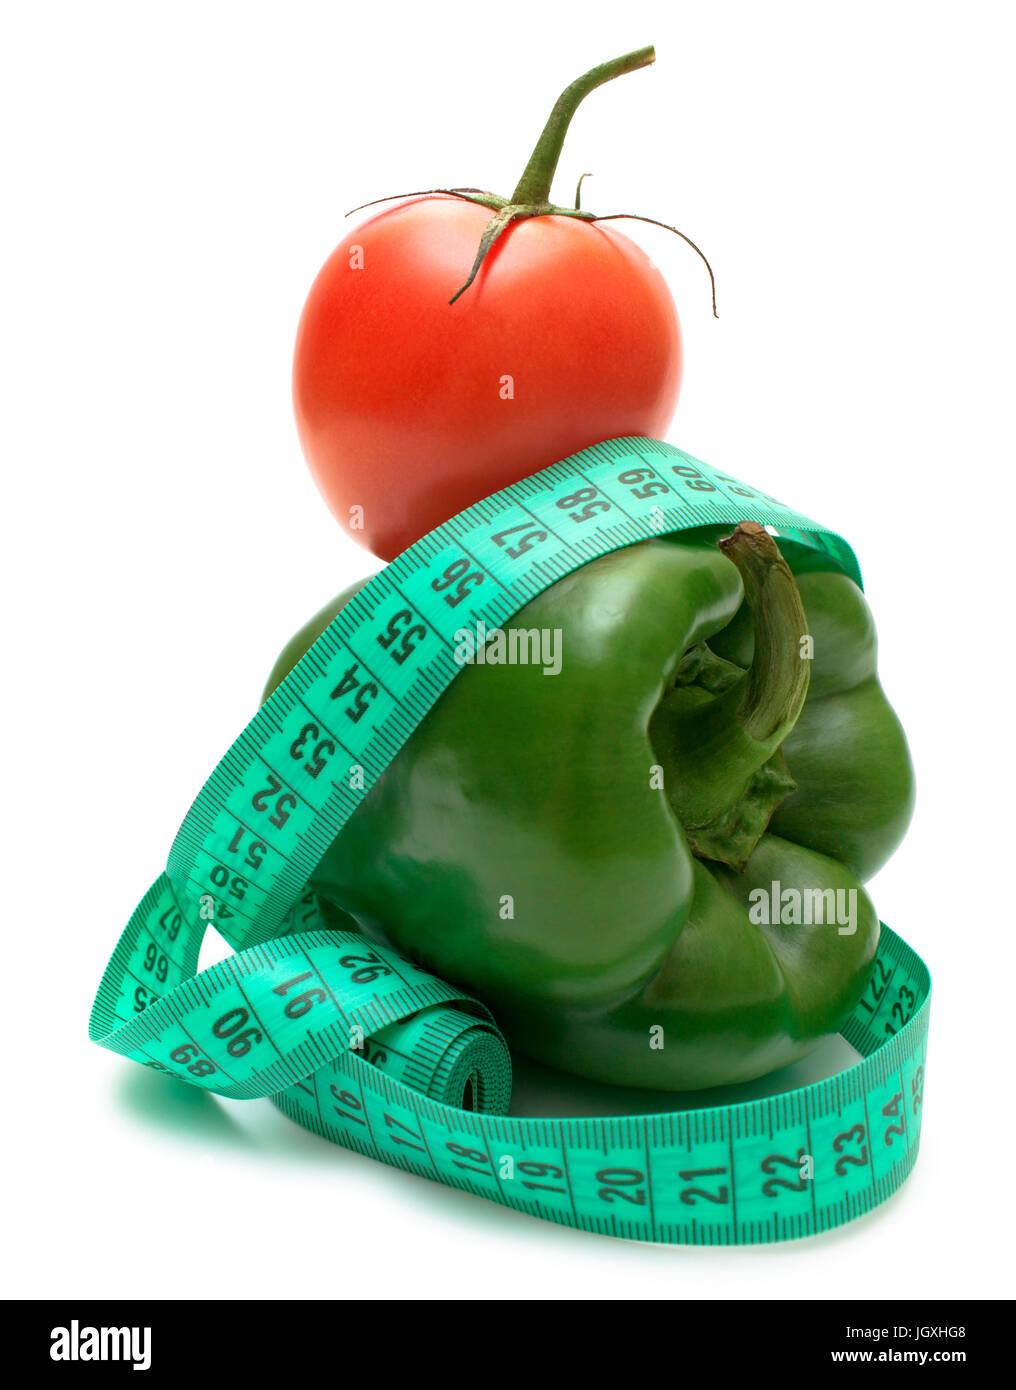 La dieta ideale coppia di peperoni verdi (bulgaro) e pomodoro isolato su bianco. Immagini Stock